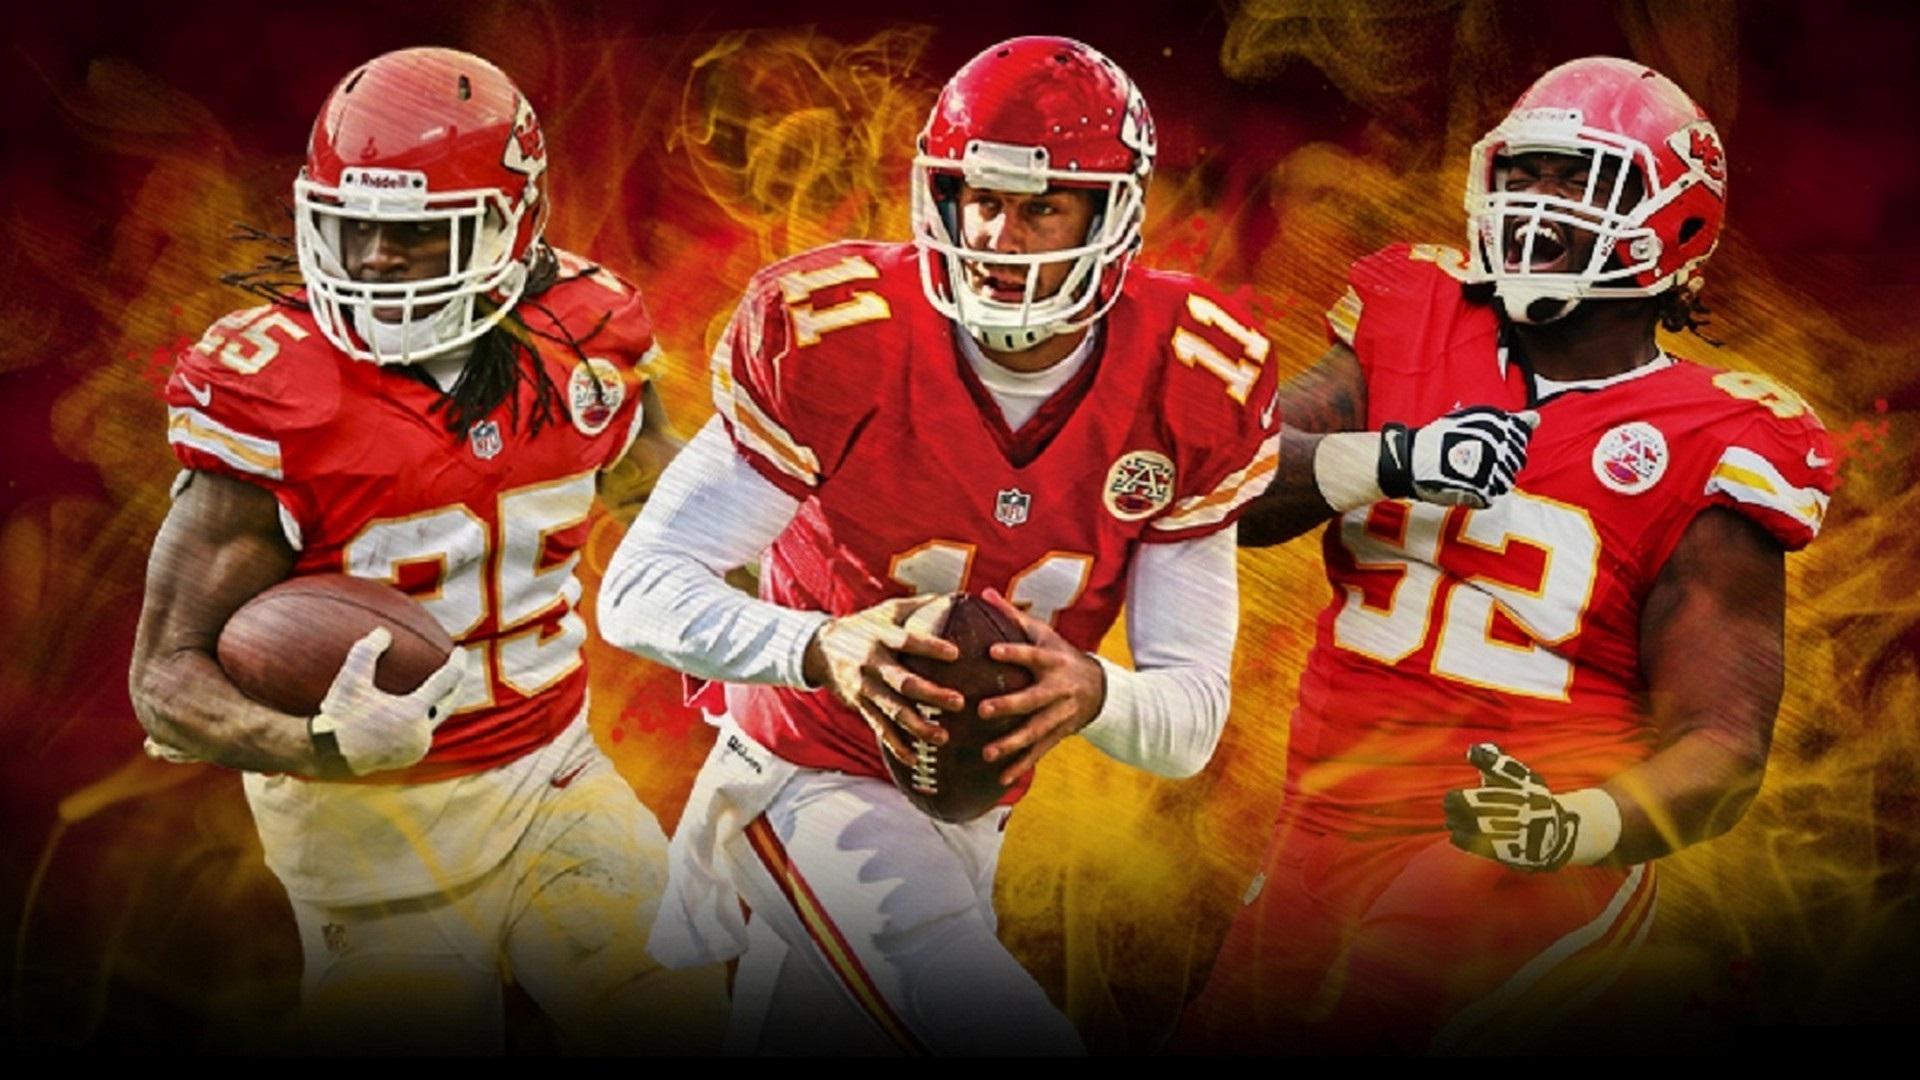 Wallpaper Desktop Kansas City Chiefs HD 2020 NFL Football Wallpapers 1920x1080